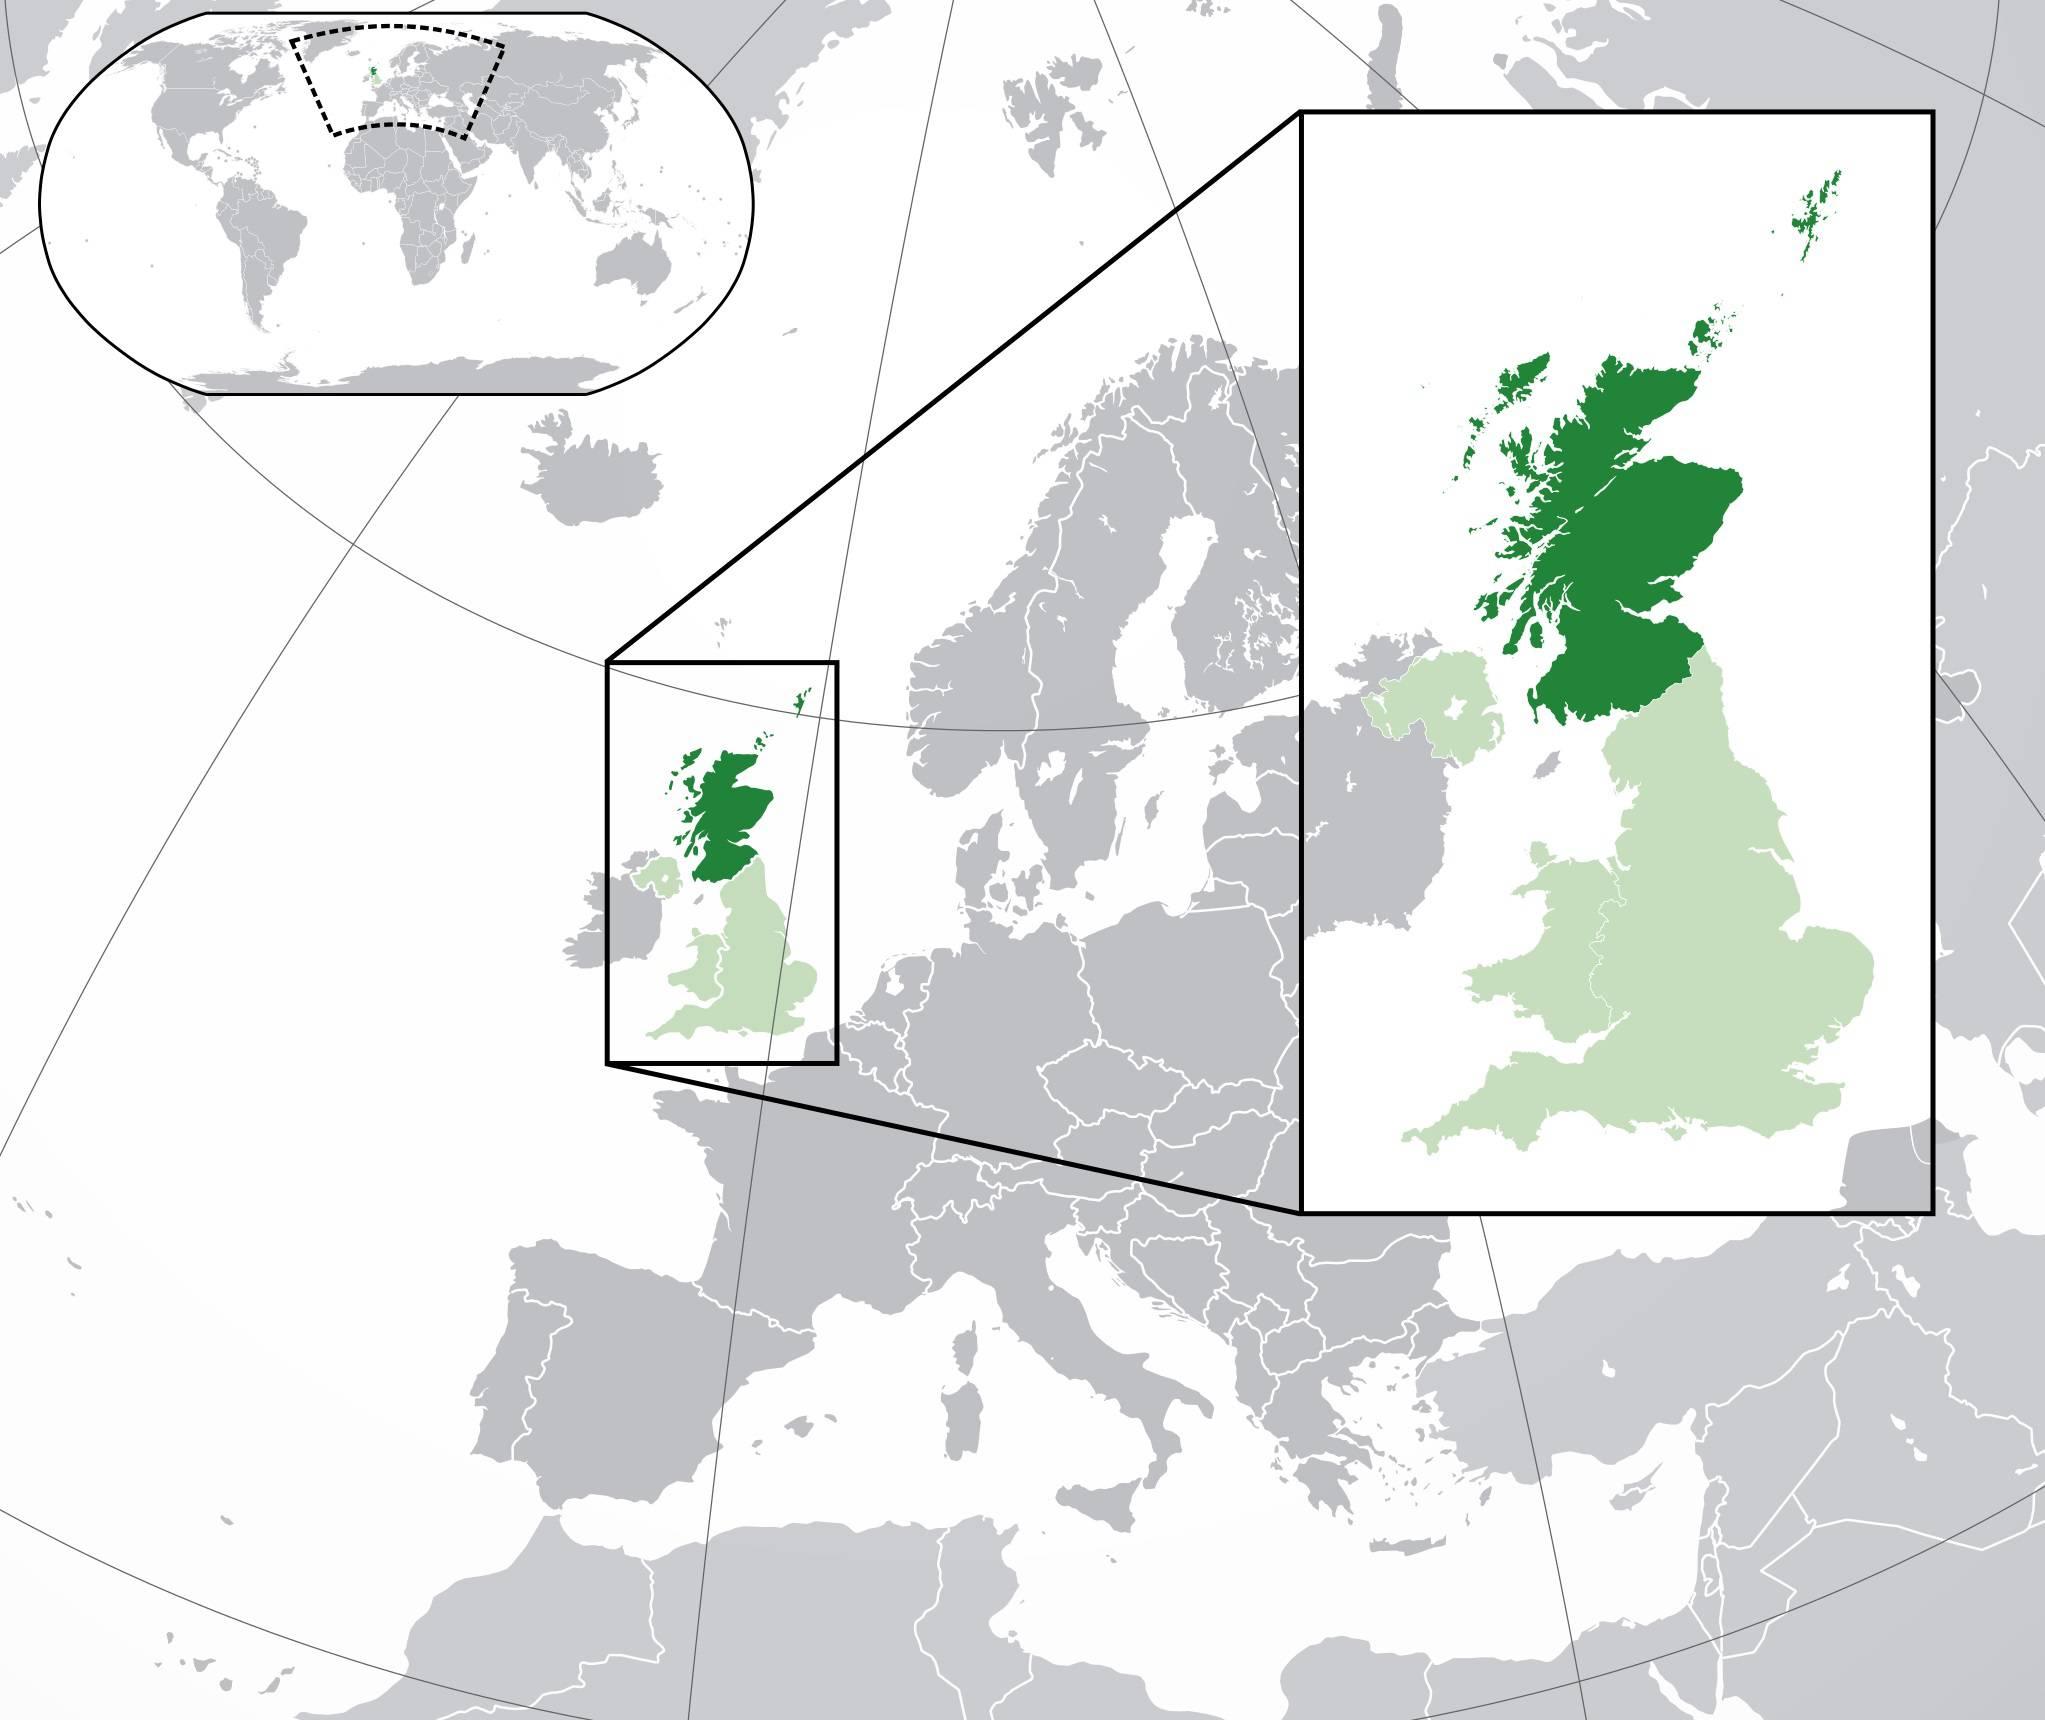 Ecosse sur un carte de l'Europe